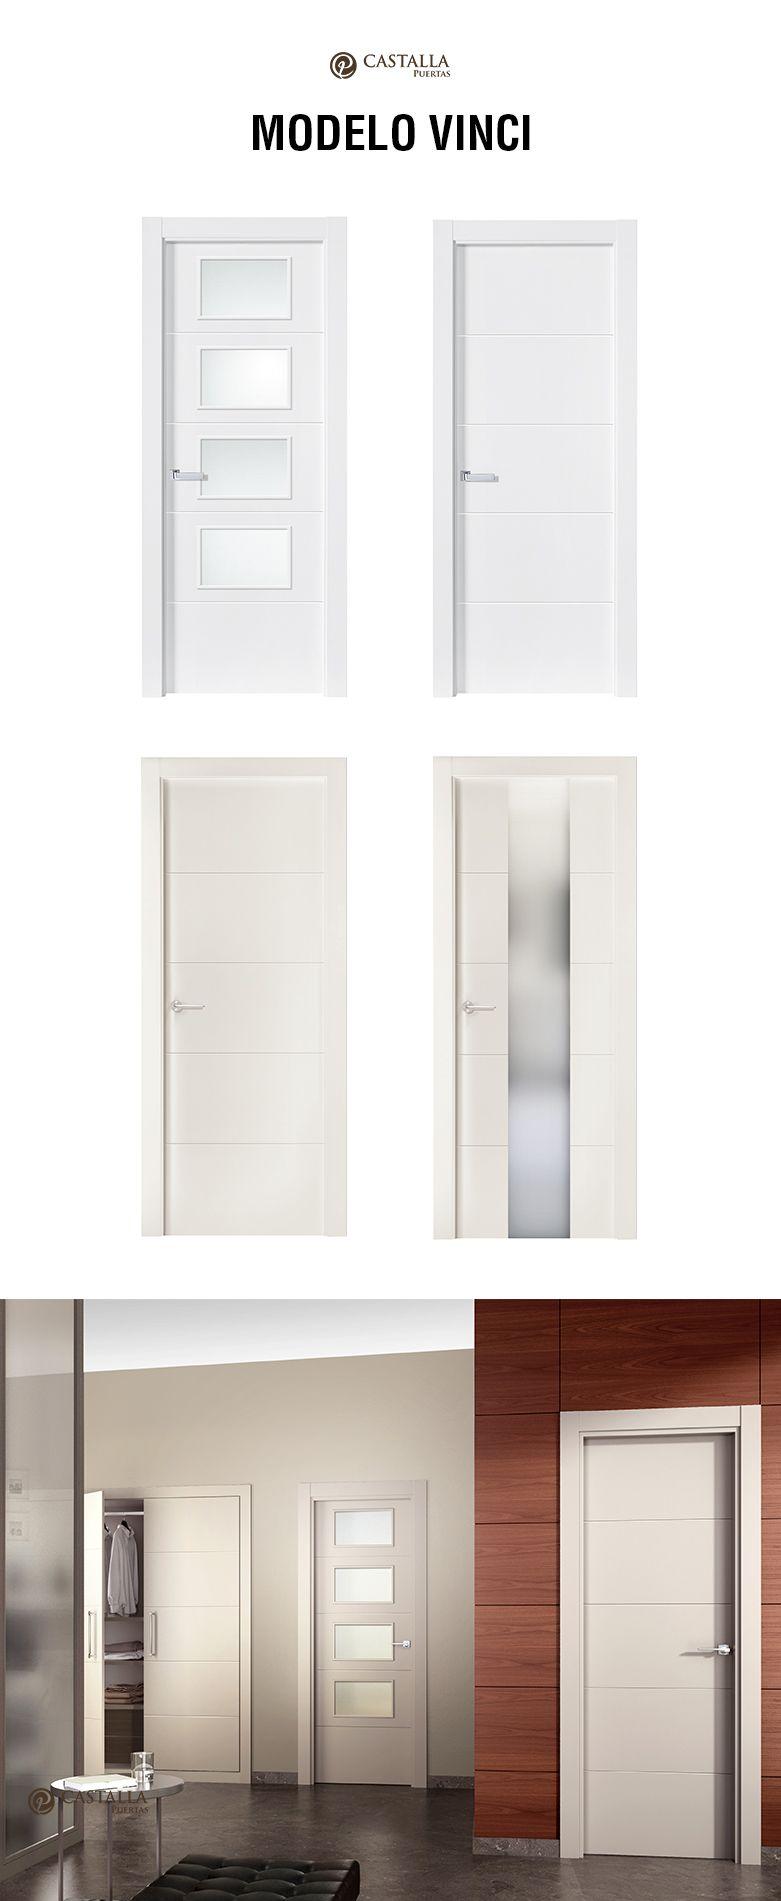 Puerta de interior con cristal modelo vinci puertas - Puertas interior cristal ...